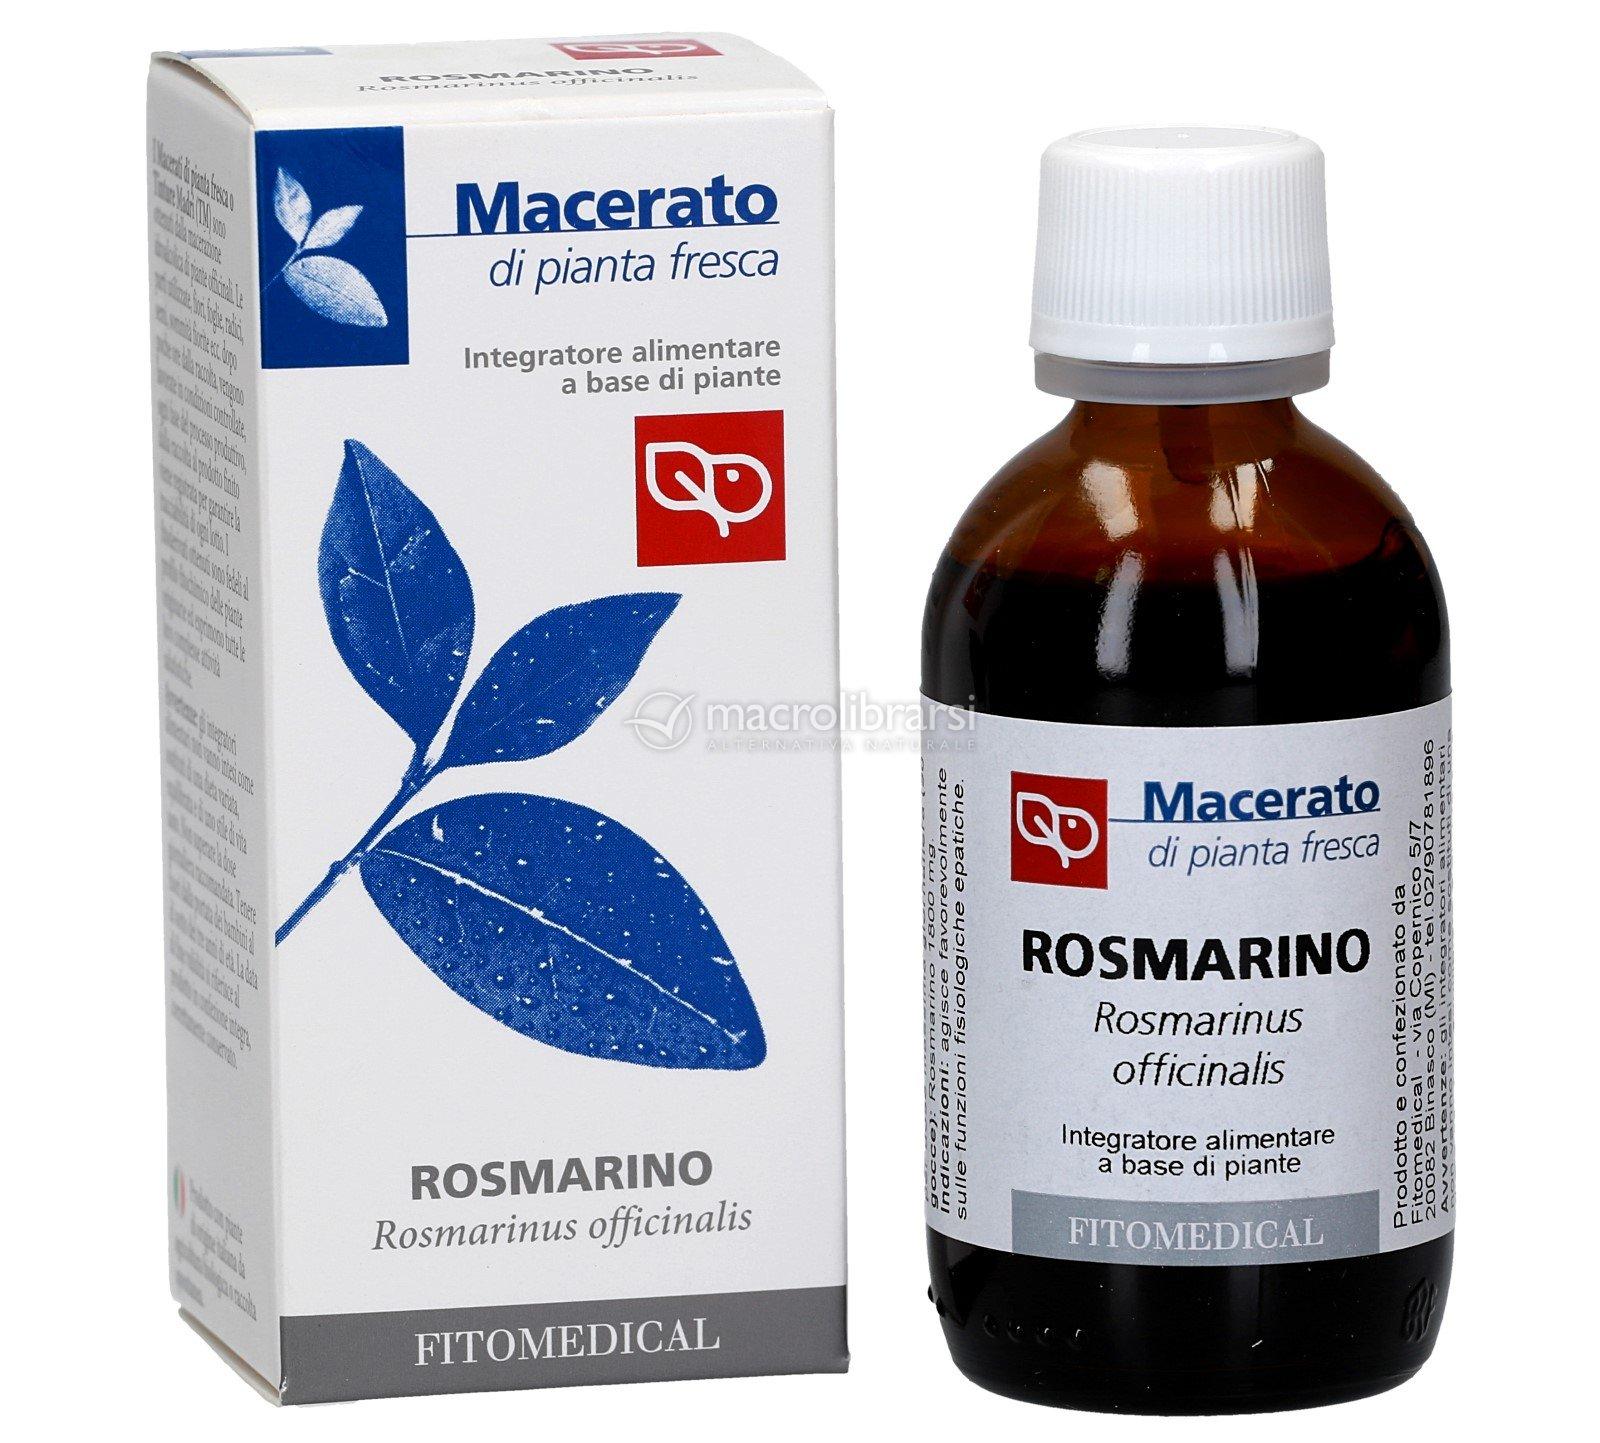 Rosmarino Secco Alla Base rosmarino - macerato di pianta fresca